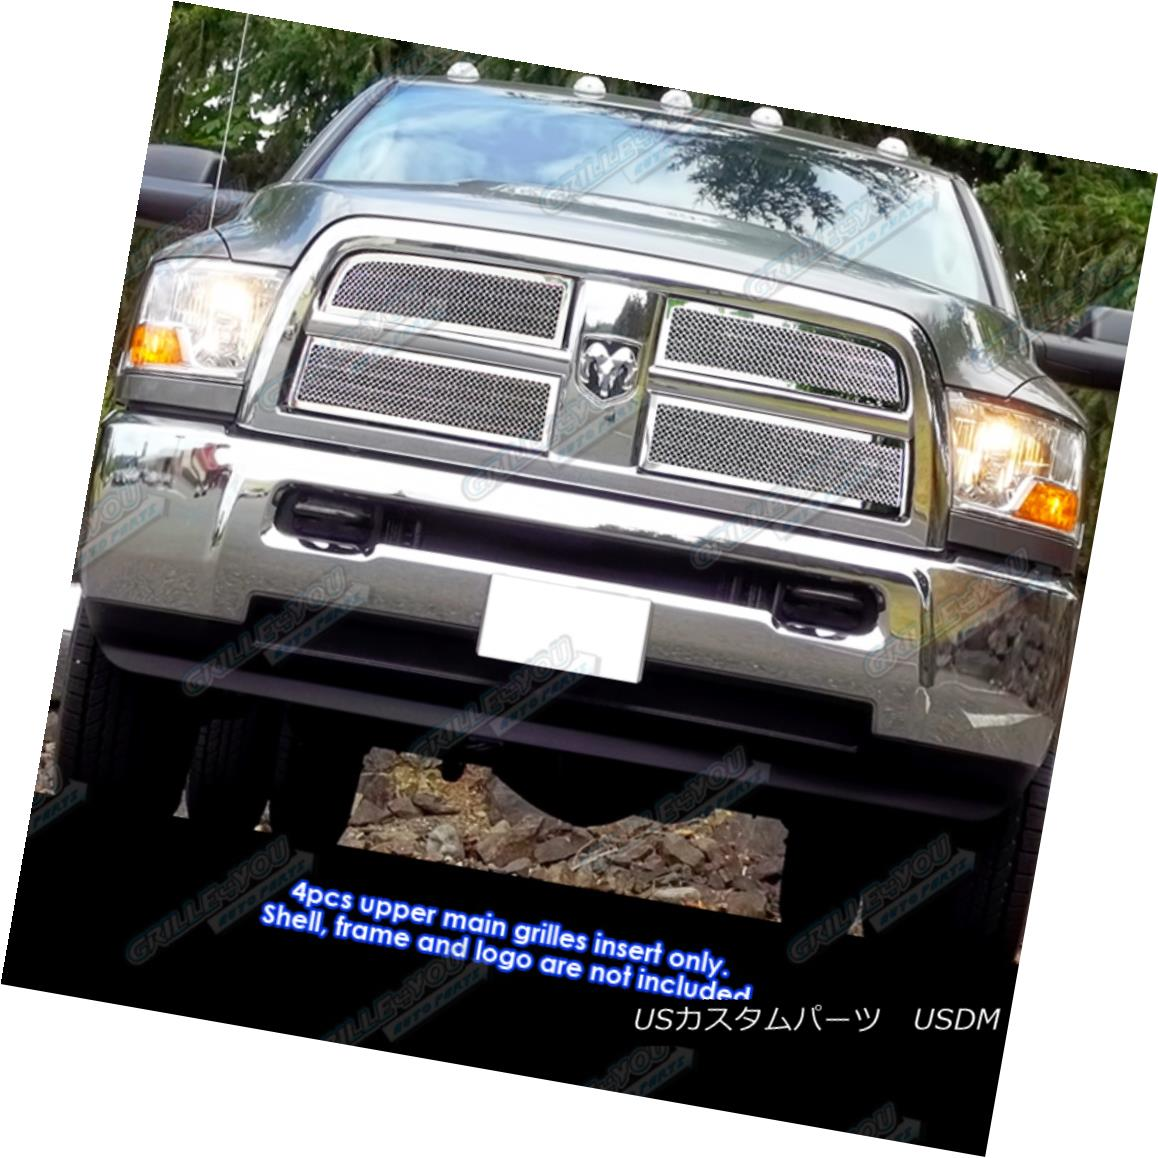 グリル Fits 2010-2012 Dodge Ram 2500/3500 Stainless Steel Mesh Grille Grill Insert フィット2010-2012ダッジラム2500/3500ステンレスメッシュグリルグリルインサート